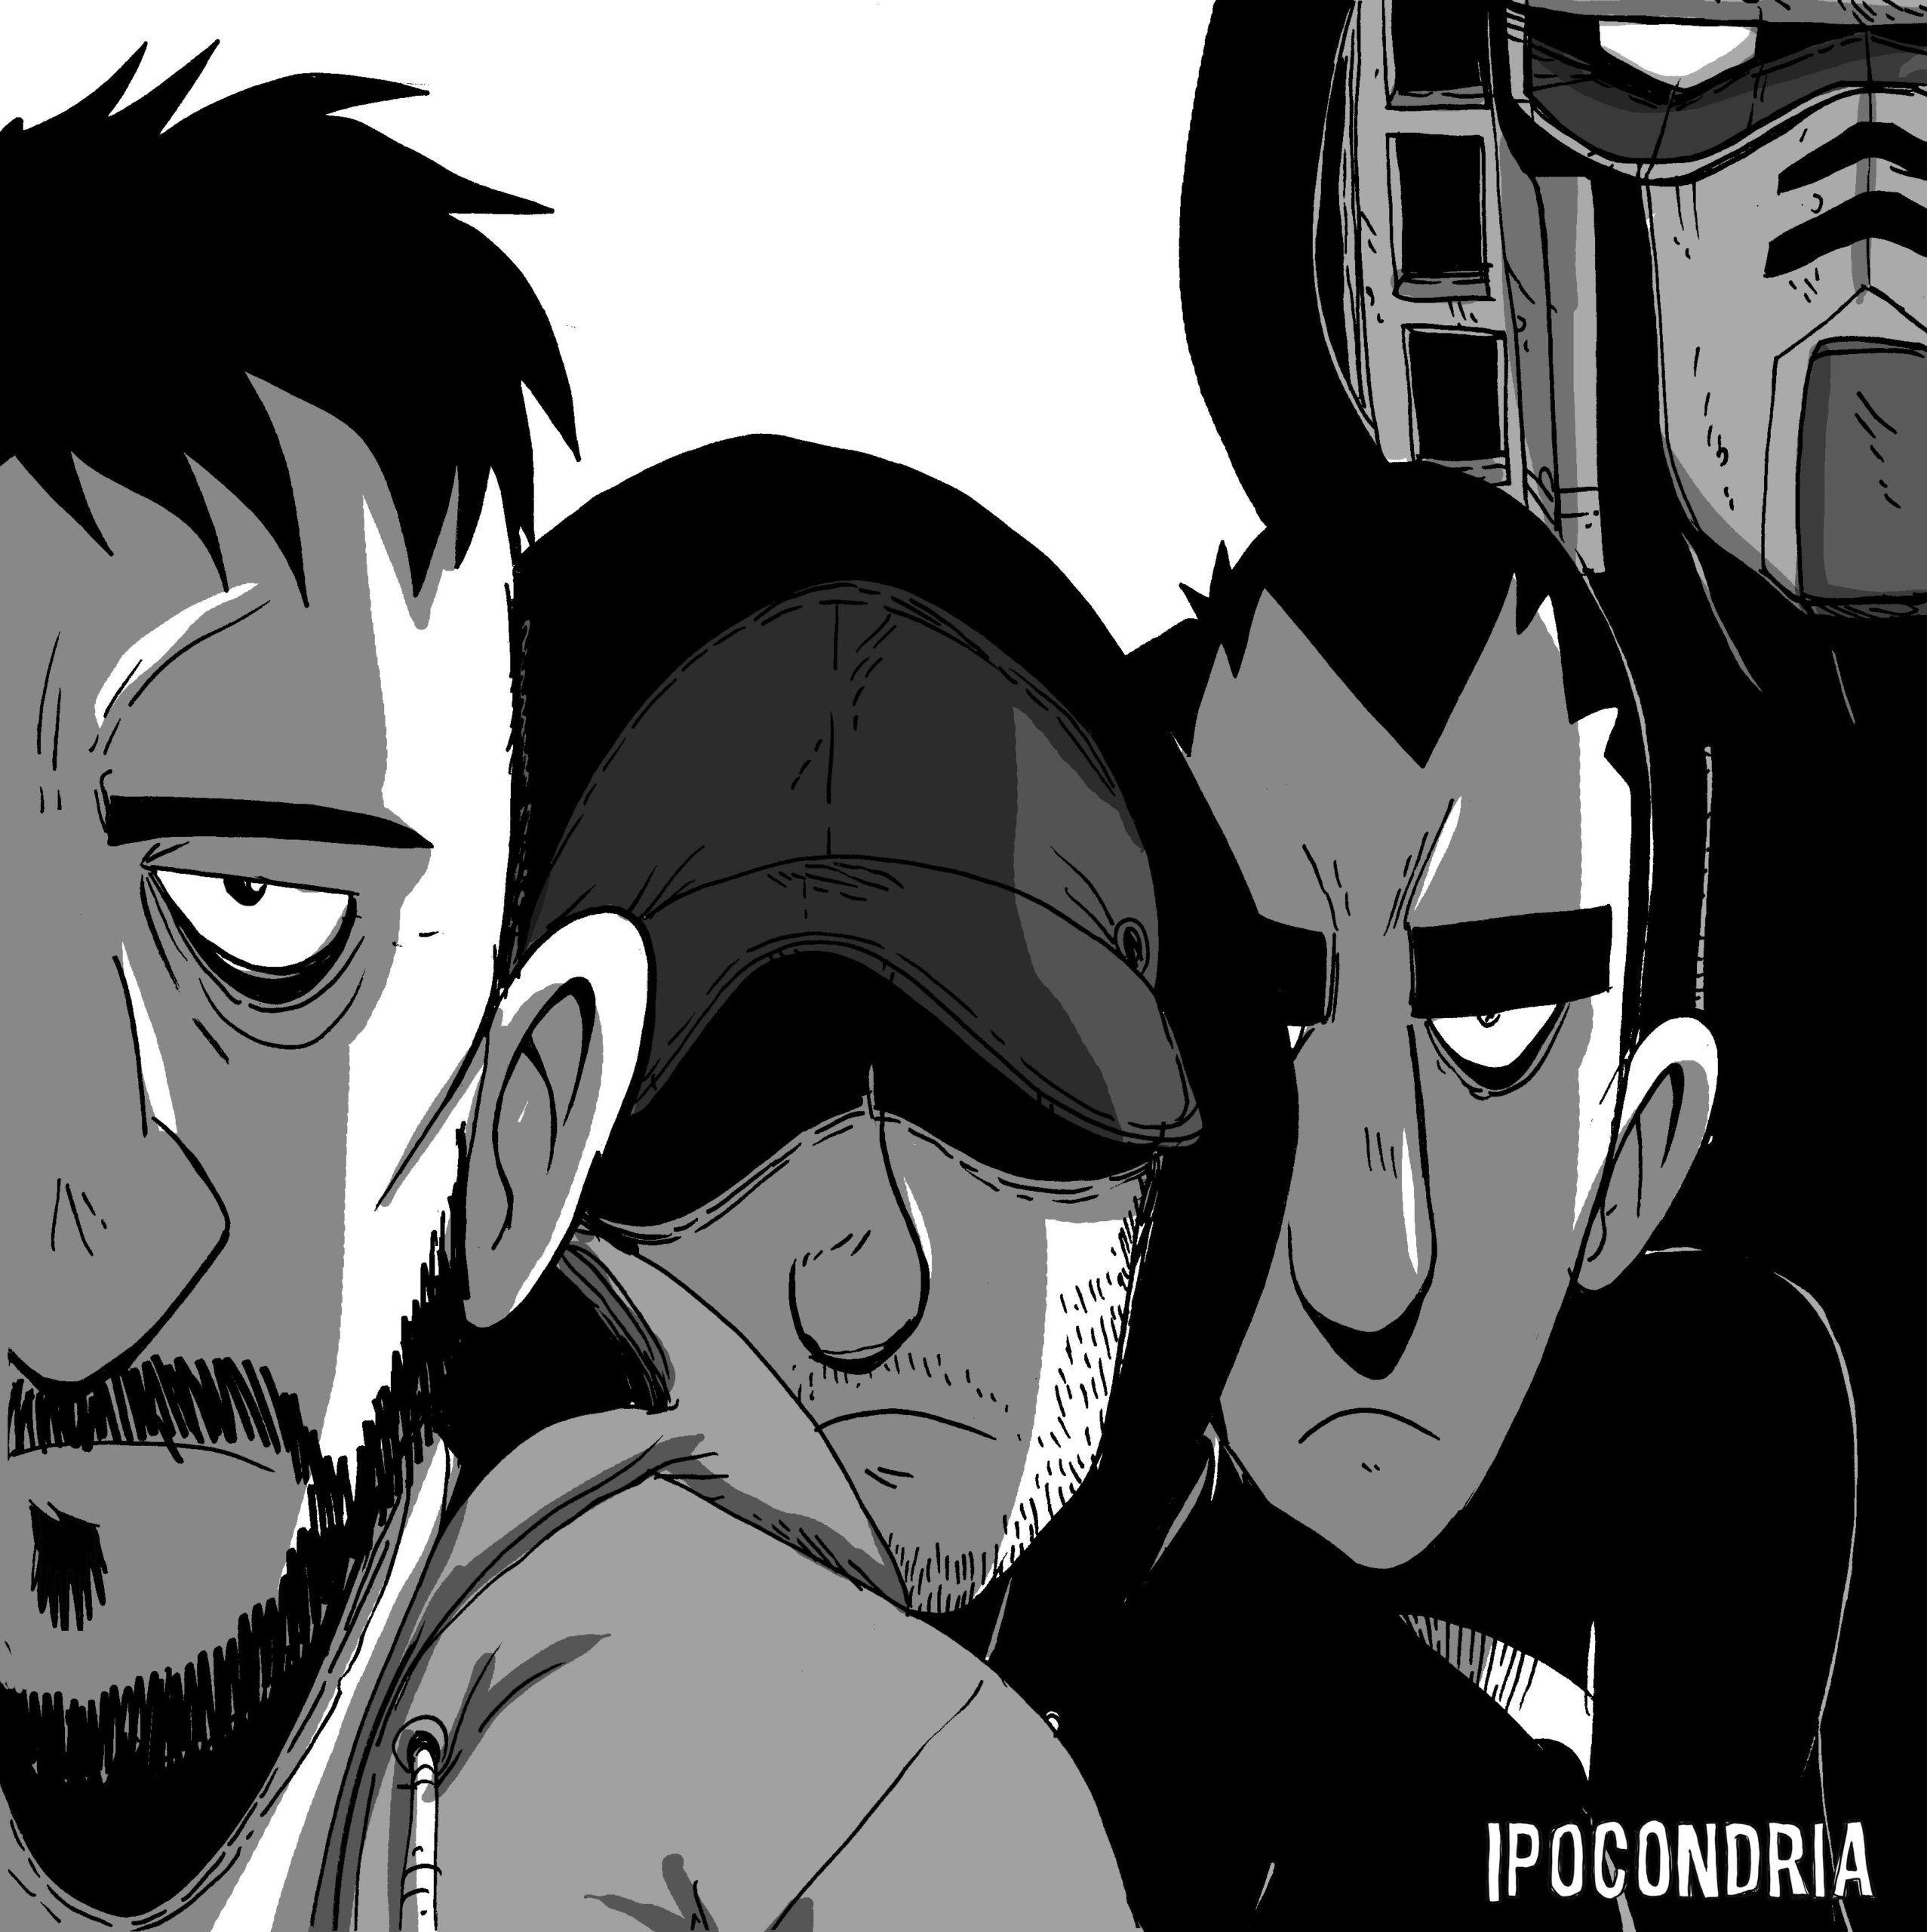 """Esce """"Ipocondria"""", il nuovo singolo di Giancane feat. Rancore"""